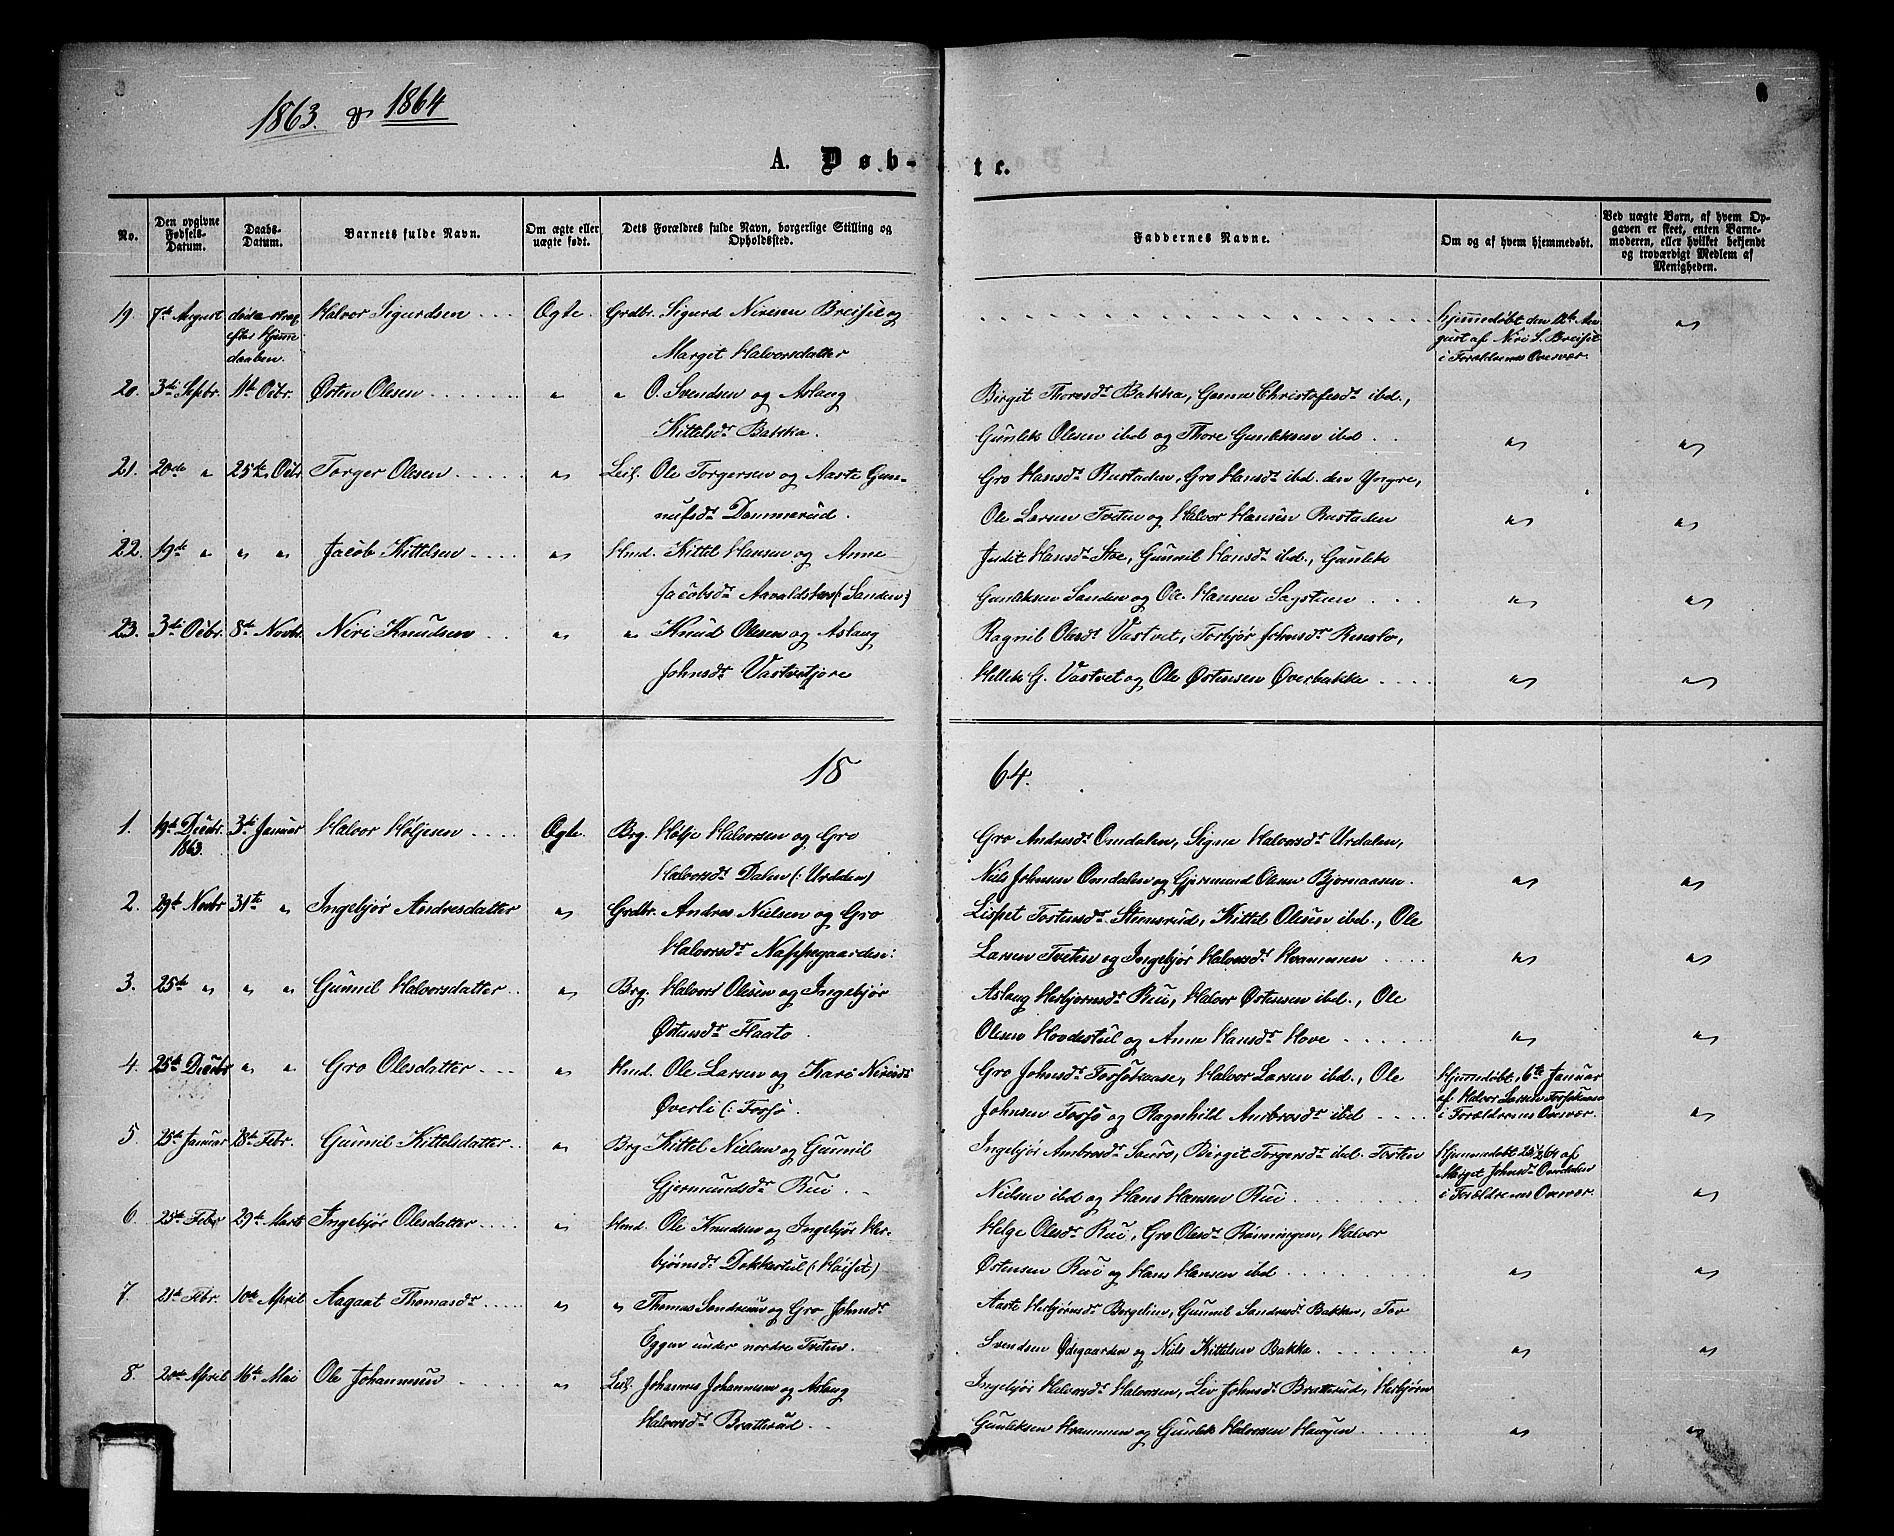 SAKO, Gransherad kirkebøker, G/Gb/L0002: Klokkerbok nr. II 2, 1860-1886, s. 6